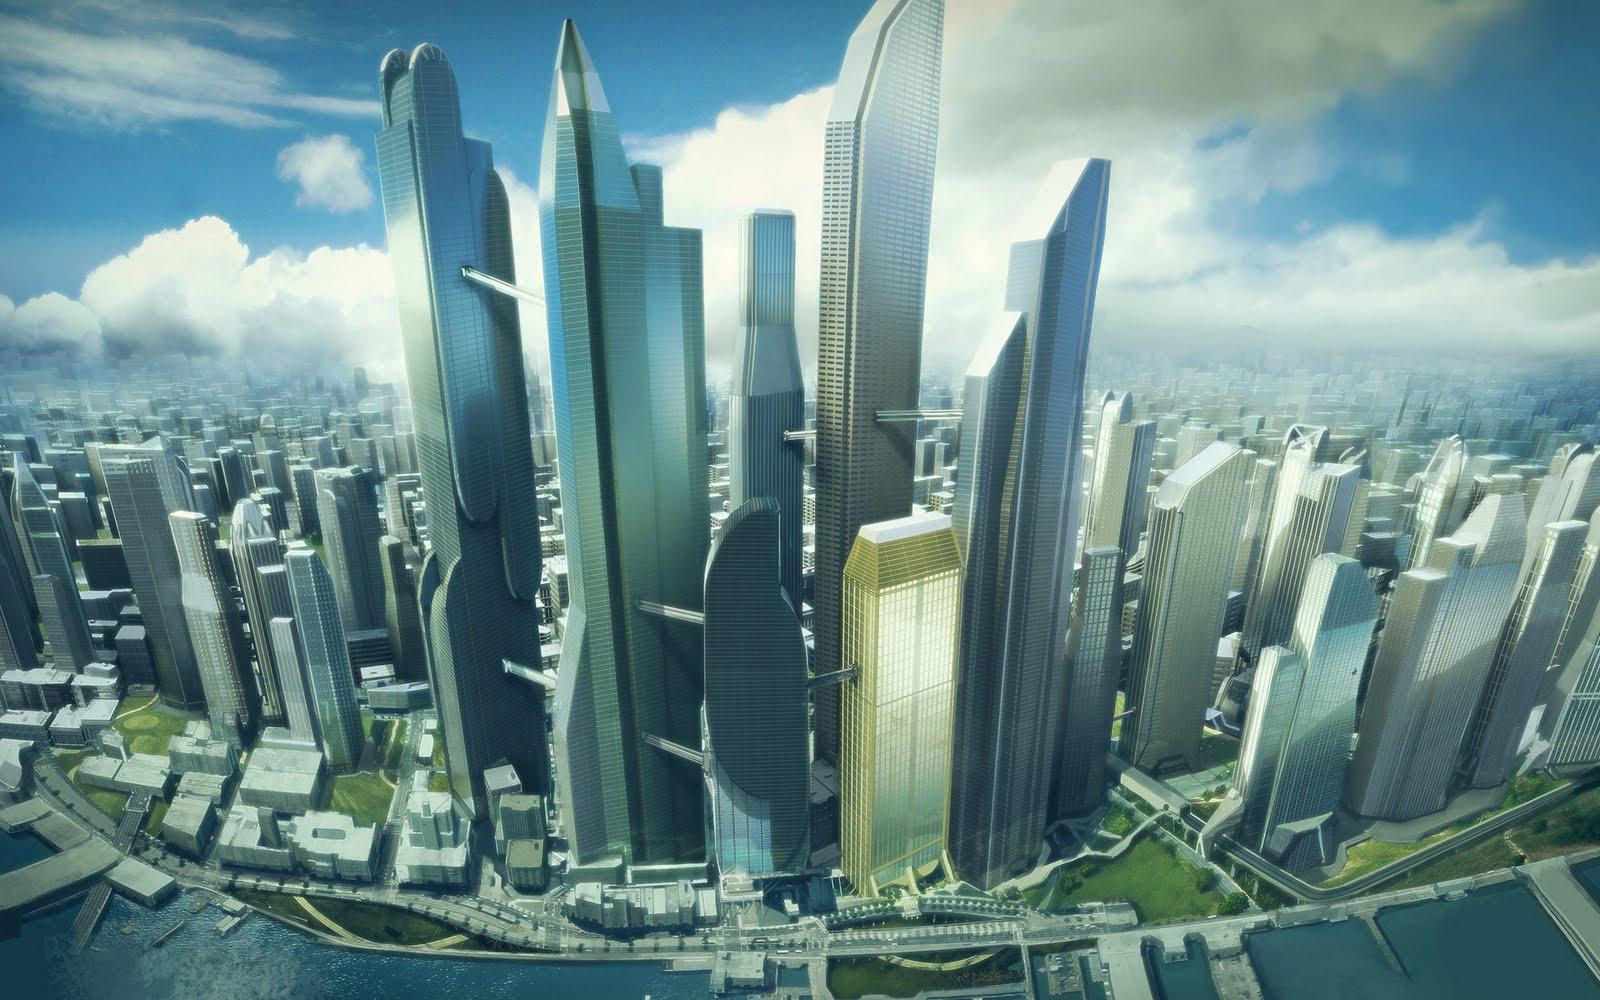 Beautiful Architecture City - Beautiful Architecture City